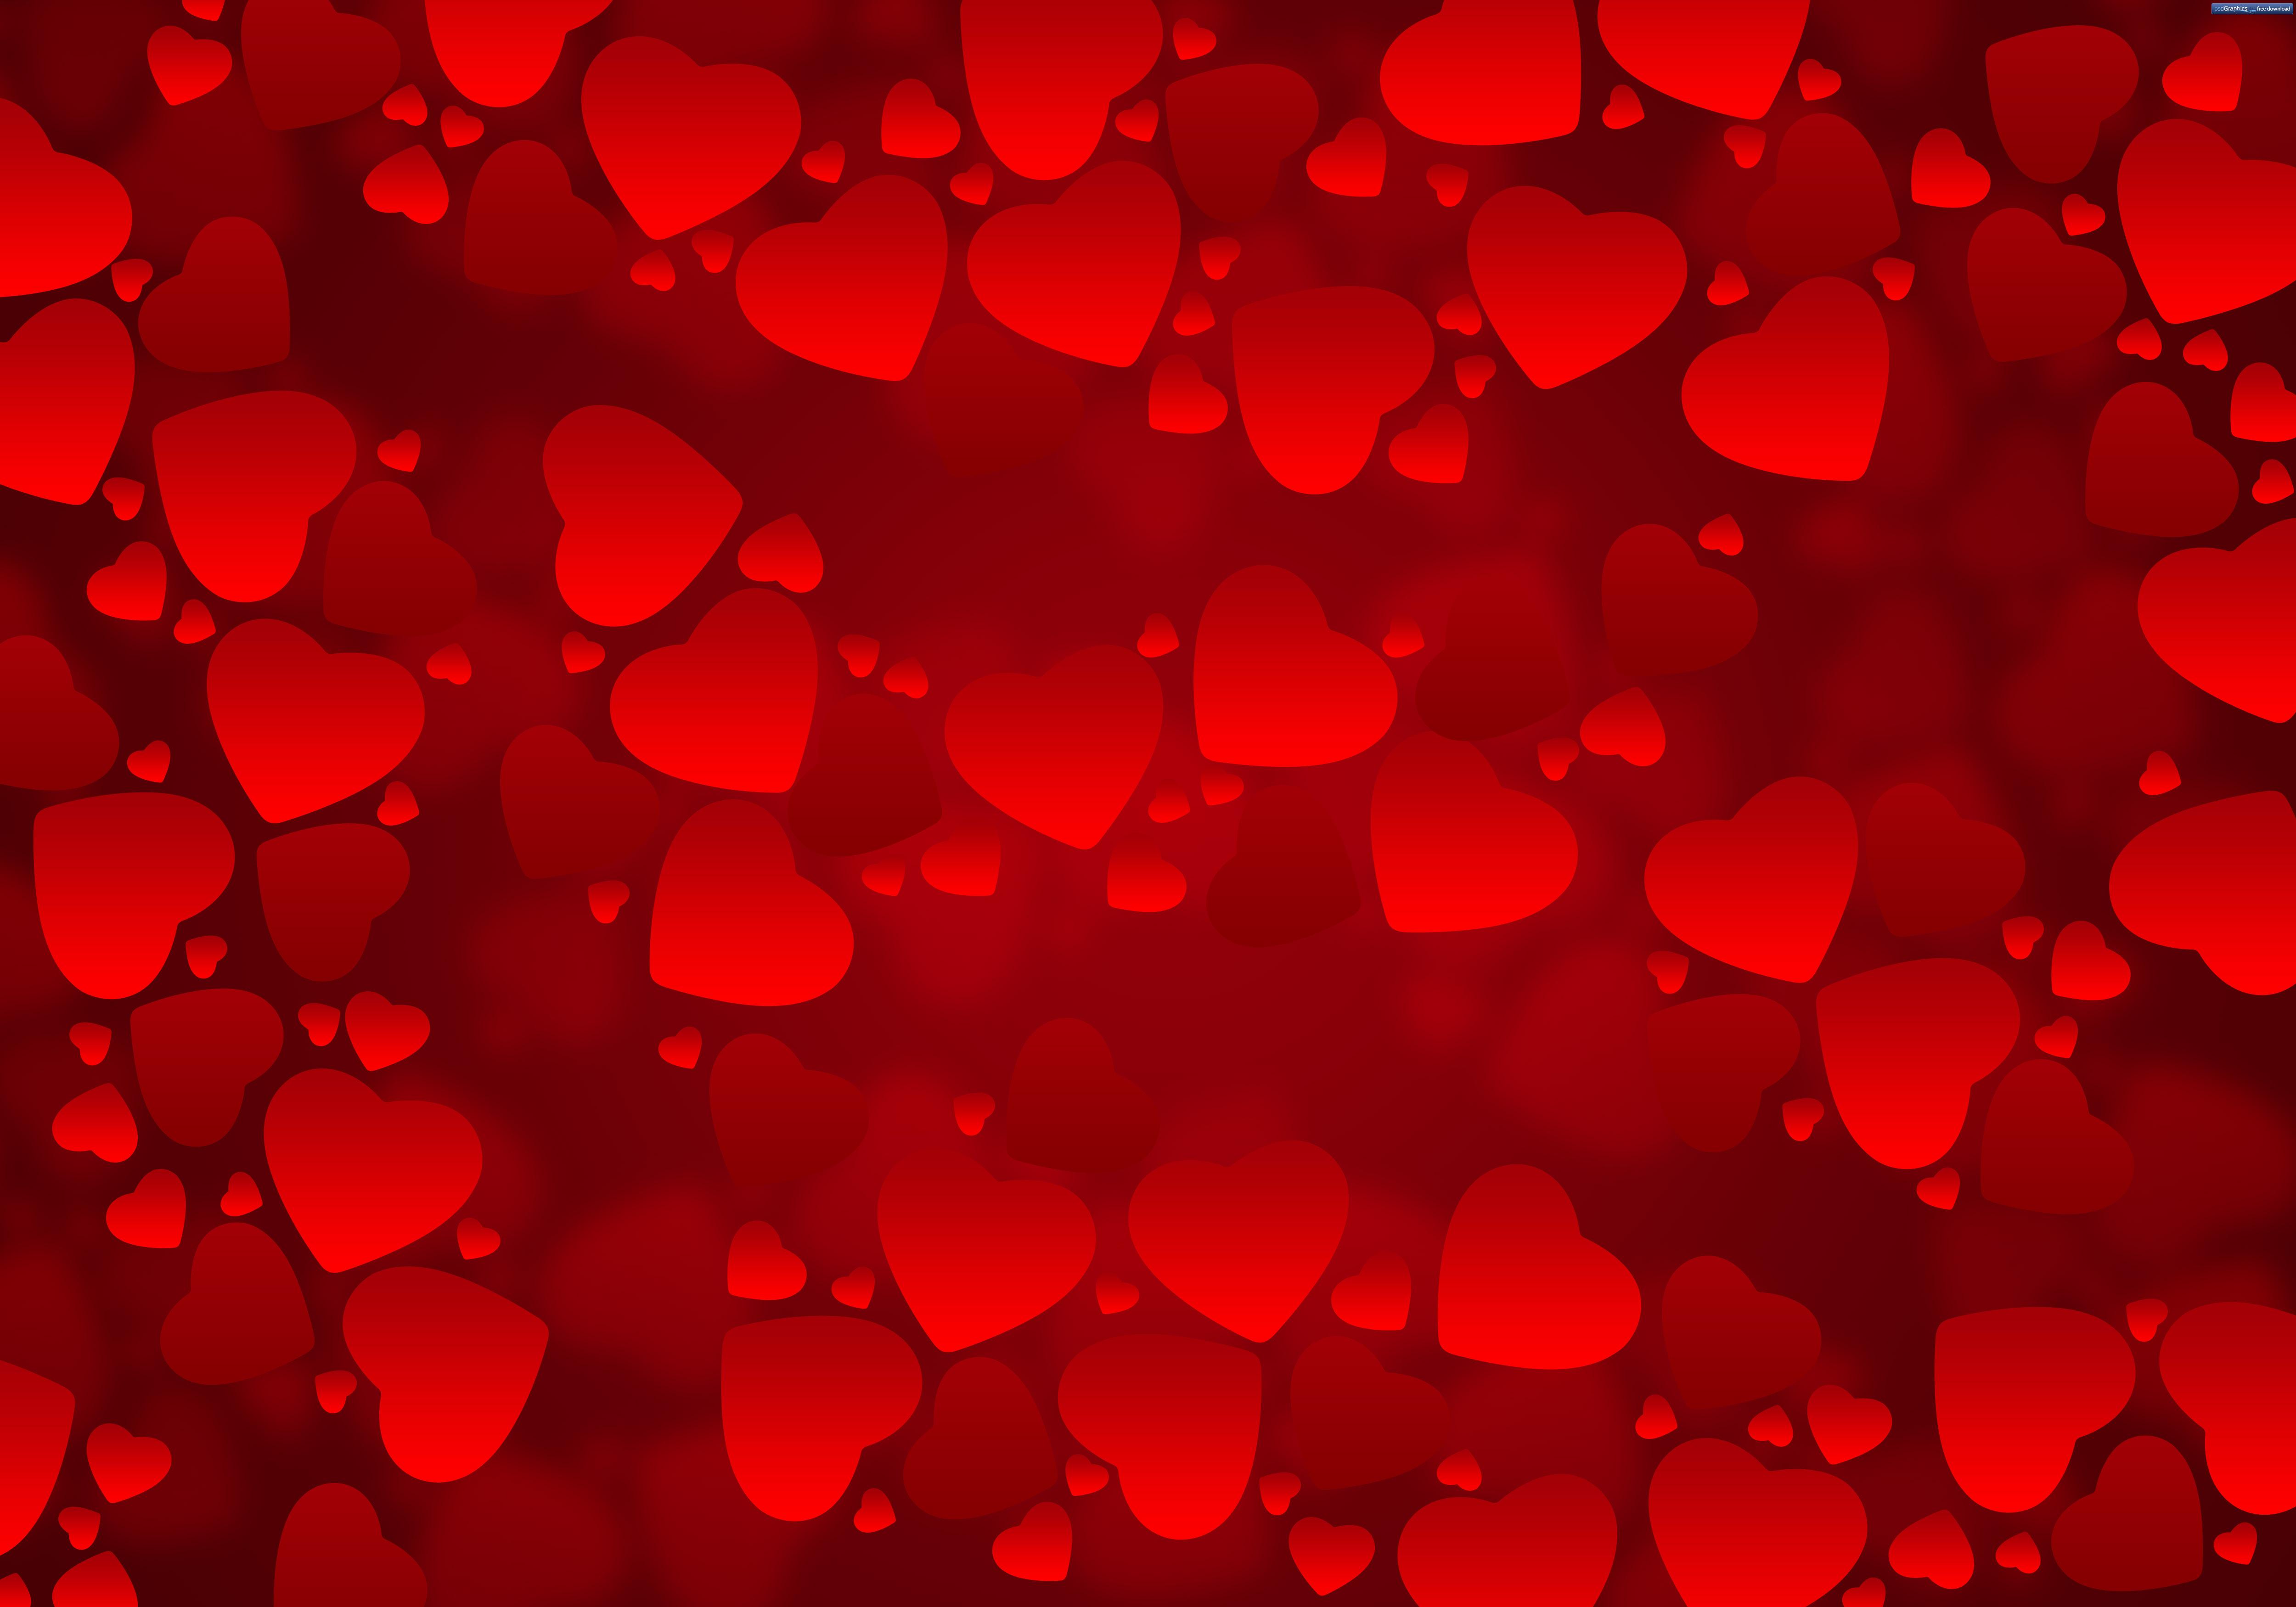 heart texture, скачать текстуру сердечки, скачать фото, обои для рабочего стола